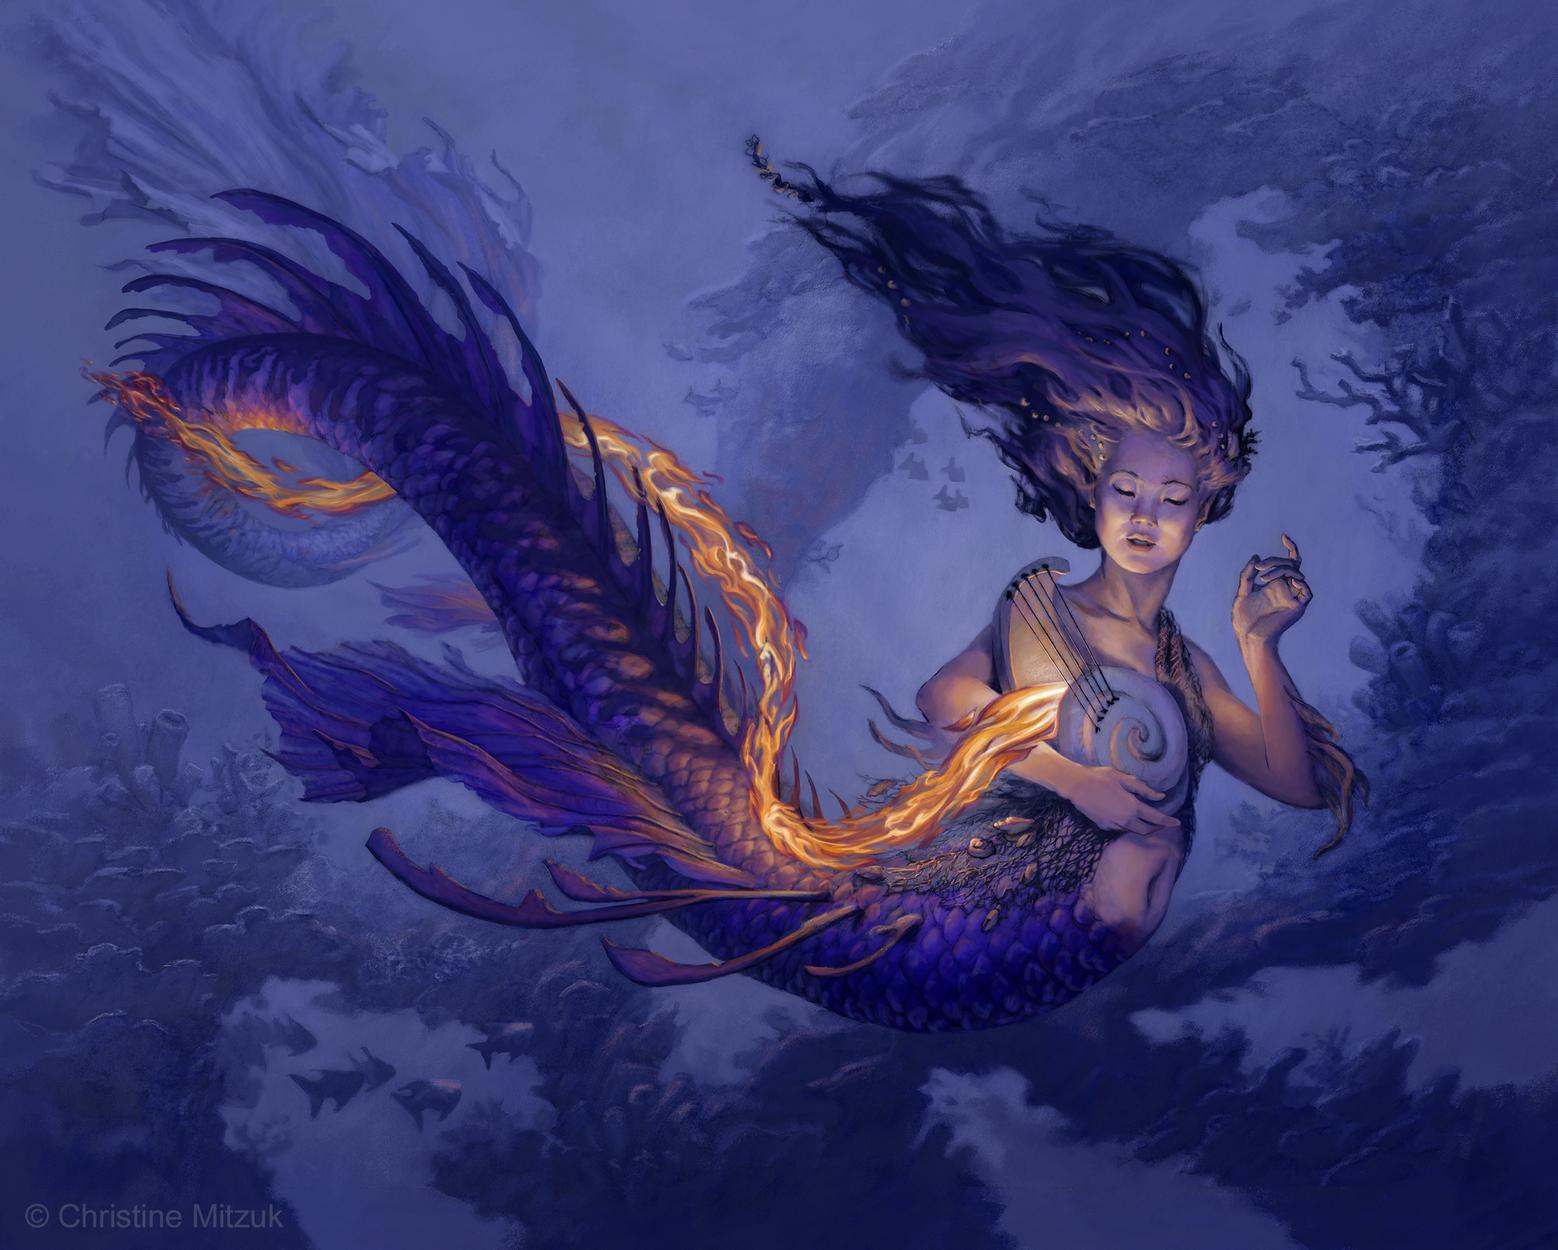 Water Elemental Artwork by Christine Mitzuk